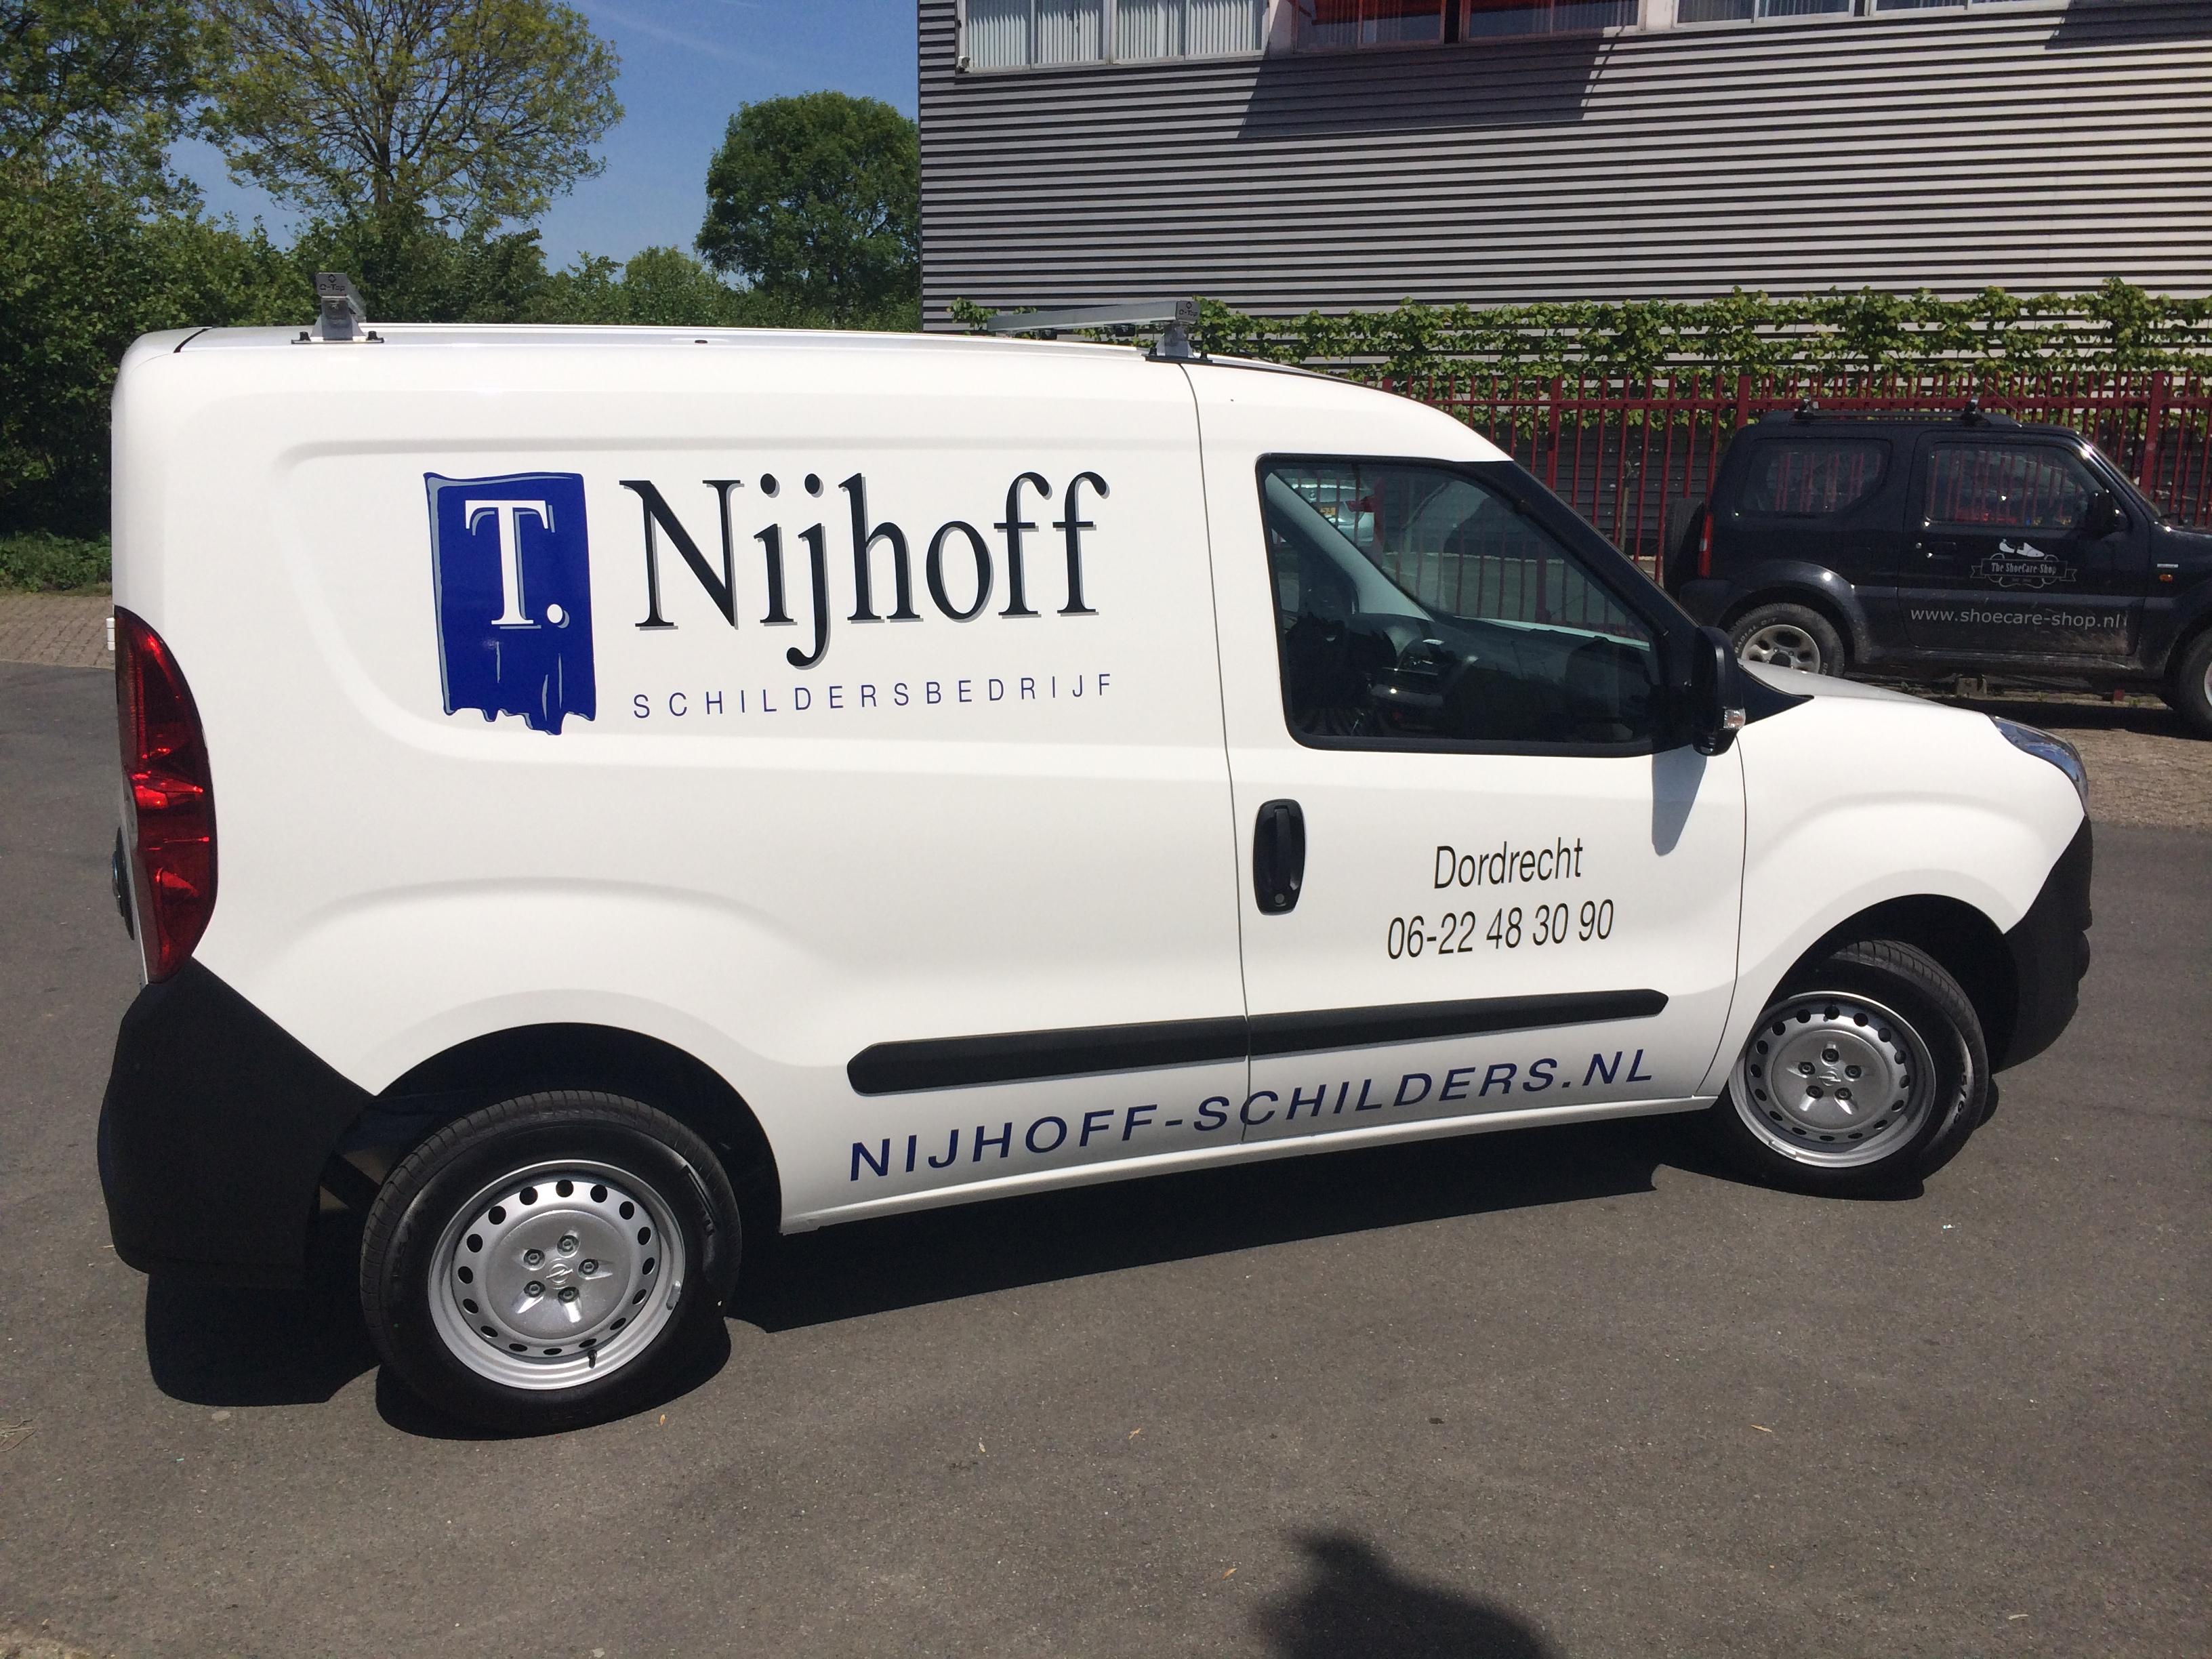 Buiten schilderwerk auto Nijhoff Schildersbedrijf